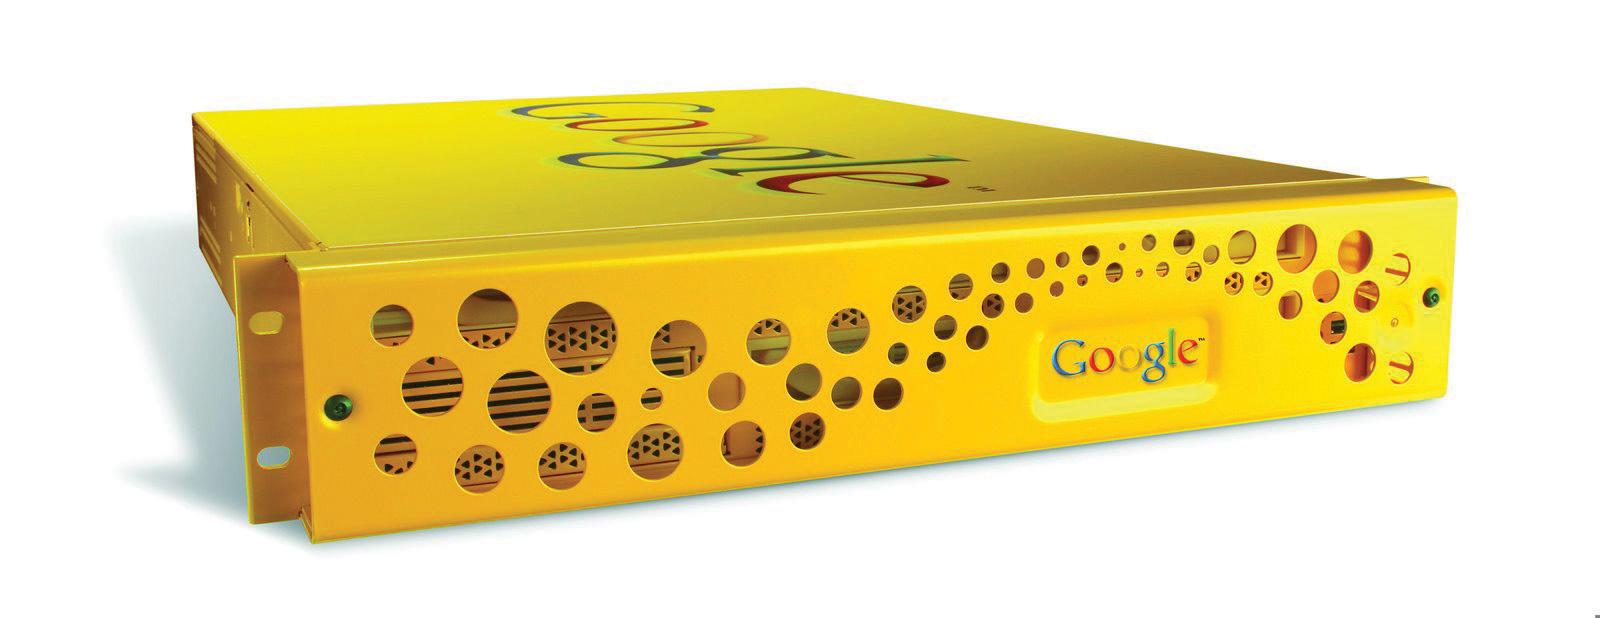 Роскомнадзор начал штрафовать операторов связи за использование Google Global Cache